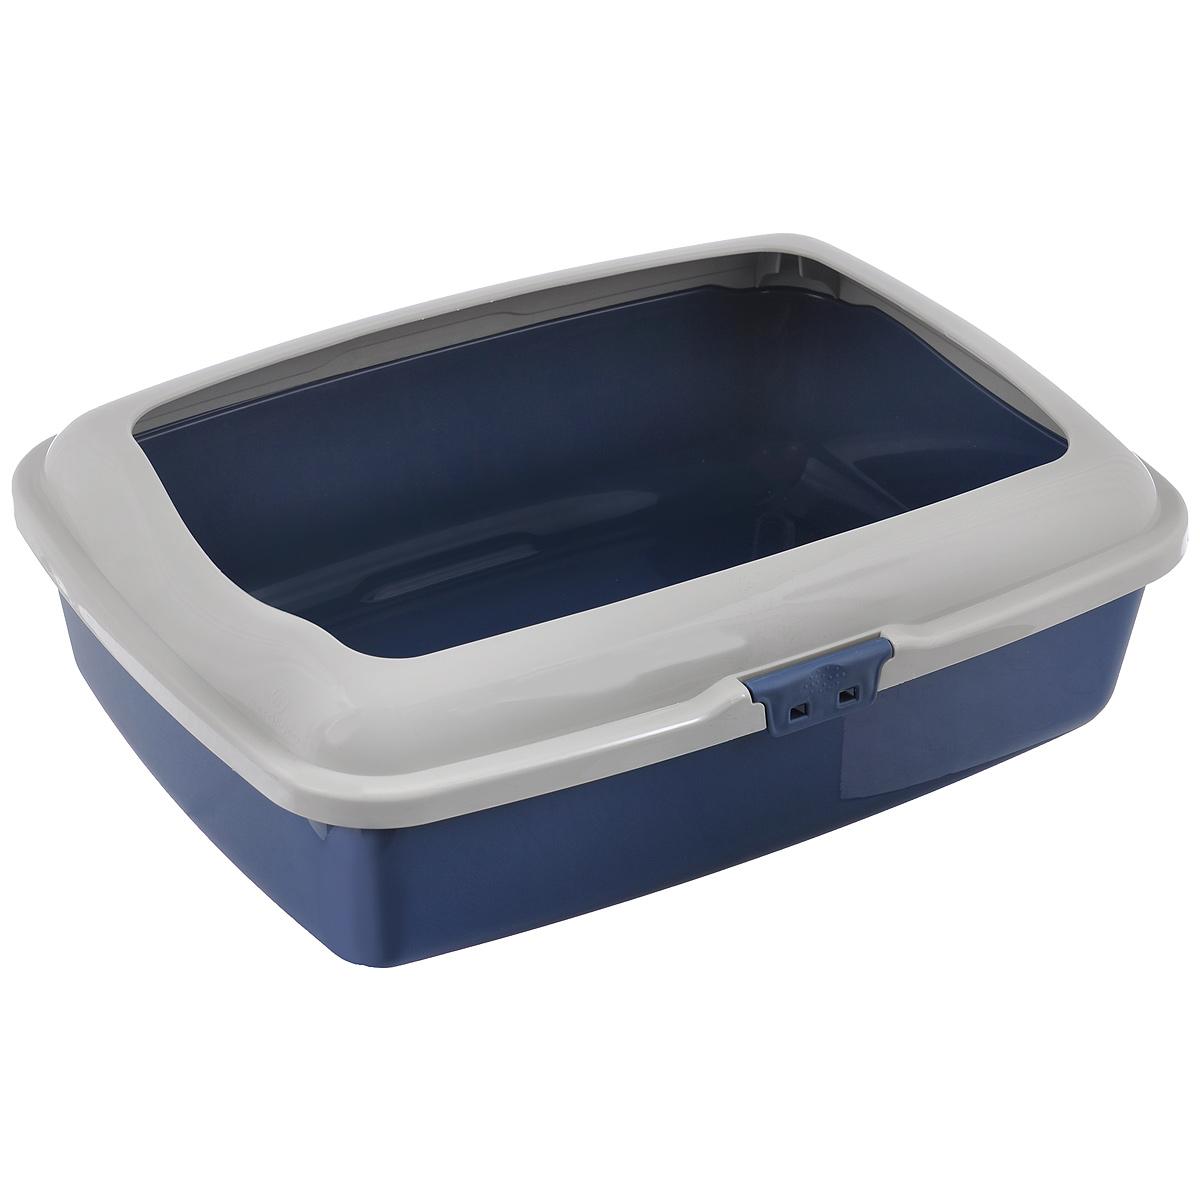 Туалет для кошек Marchioro Goa, с бортом, цвет: синий, бежевый, 48,5 см х 36 см х 16 см1066100300099_синийТуалет для кошек Marchioro Goa изготовлен из высококачественного итальянского пластика с полированной поверхностью. Высокий борт, прикрепленный к периметру лотка, удобно защелкивается и предотвращает разбрасывание наполнителя. Благодаря специальным резиновым ножкам туалет не скользит по полу.